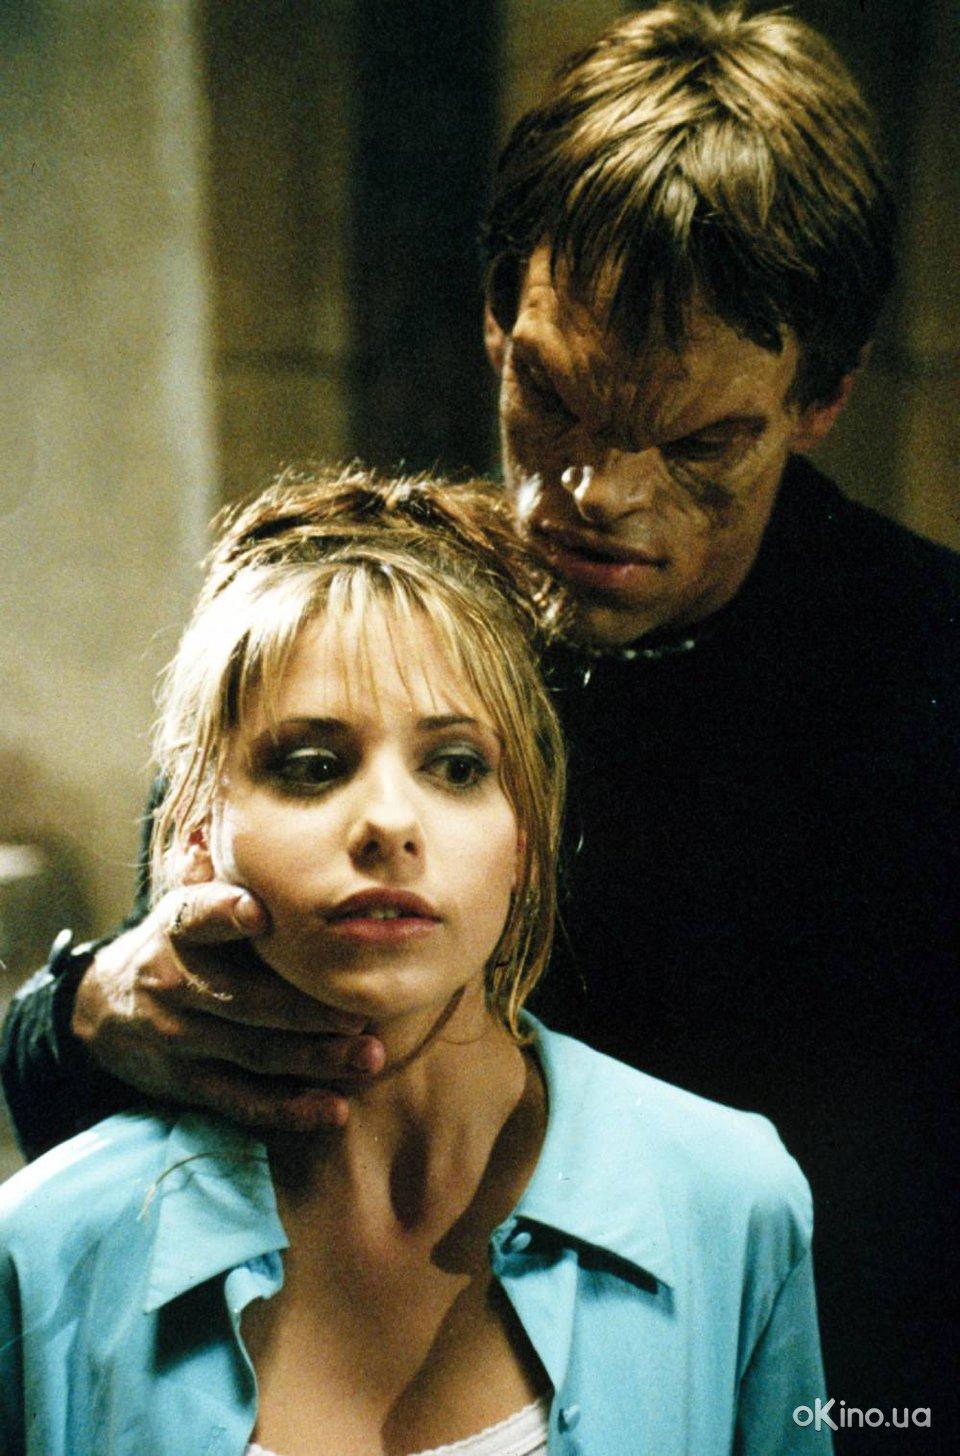 баффи-истребительница вампиров фильм смотреть онлайн